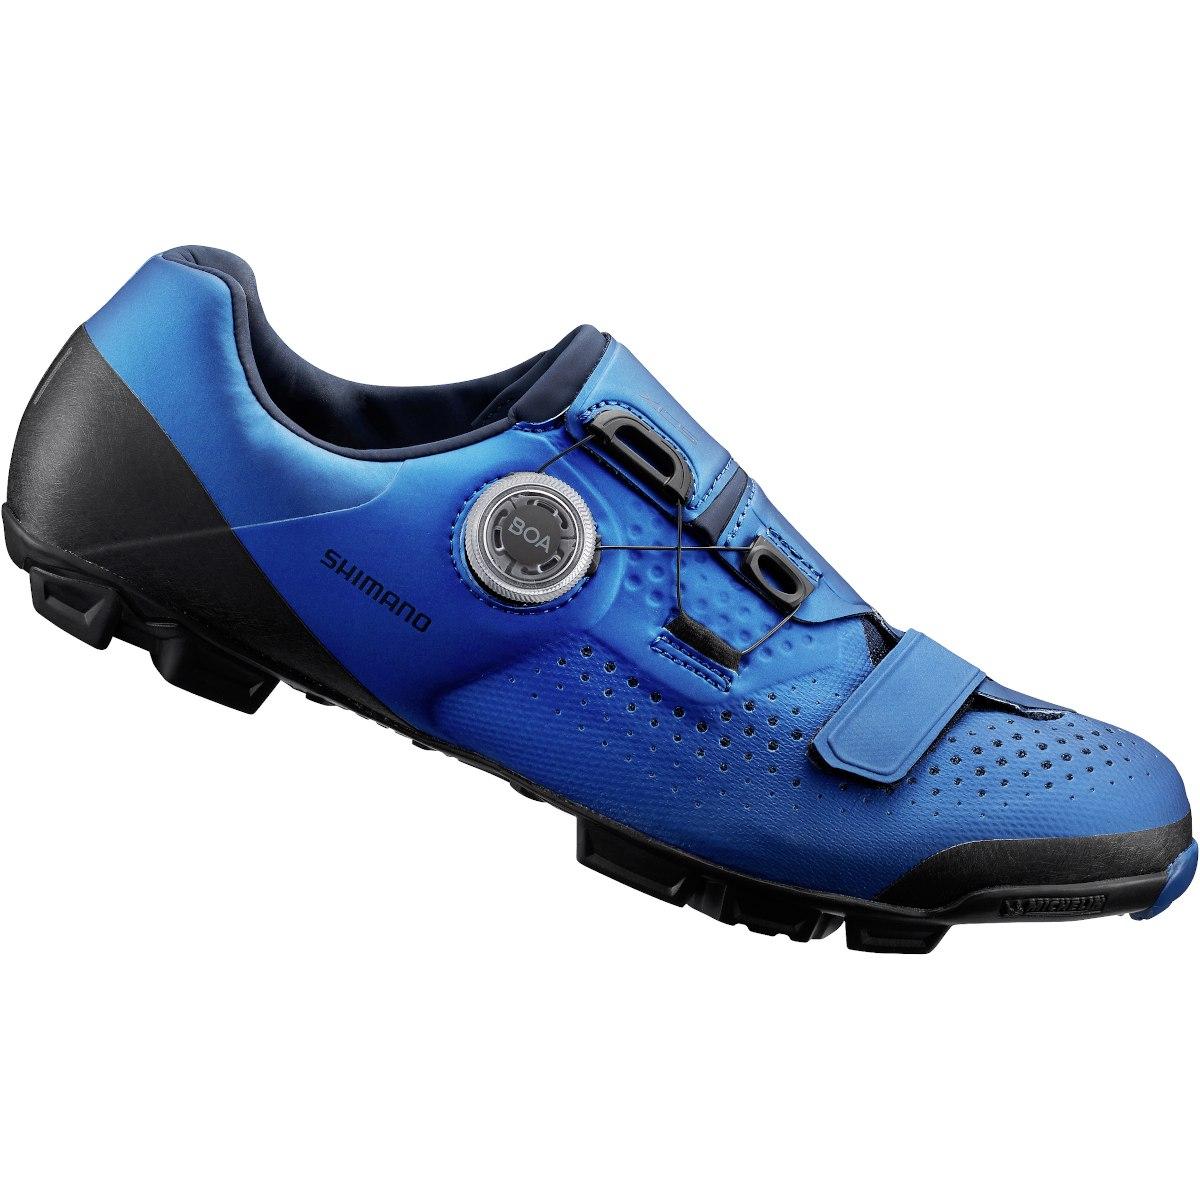 Foto de Shimano SH-XC501 Cross Country - Zapatillas MTB - blue